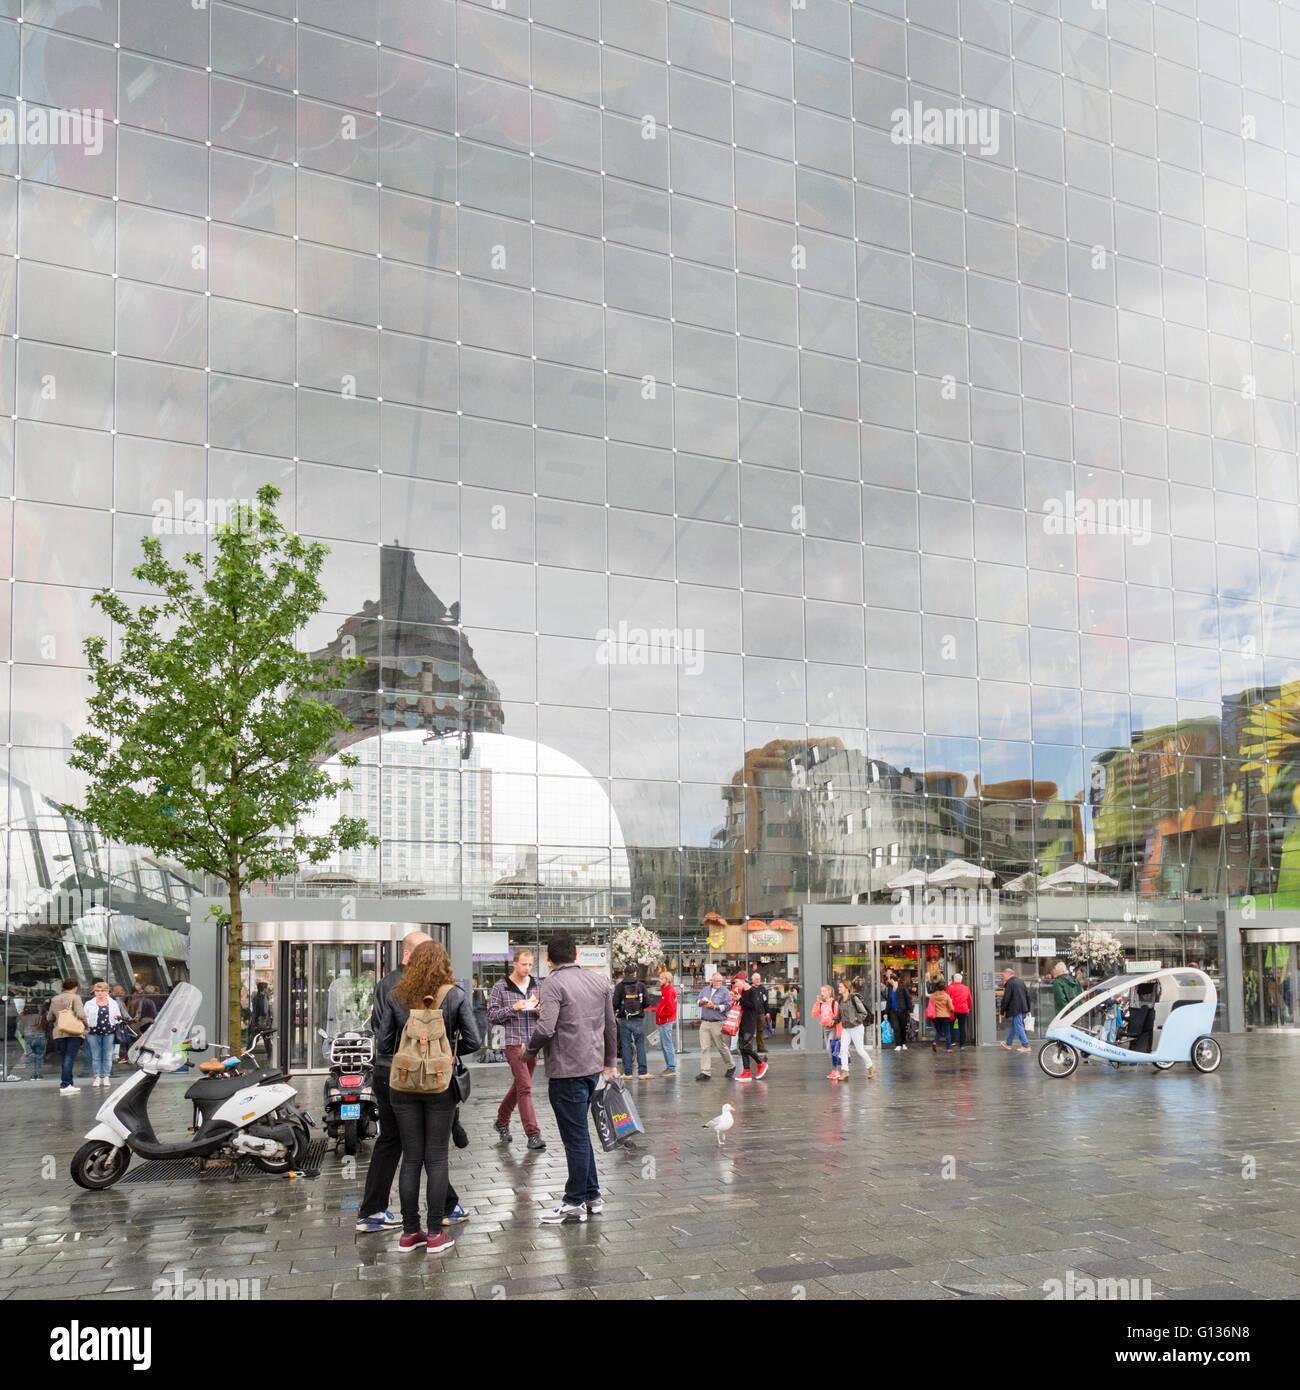 Markthal-Markthalle Rotterdam, Niederlande - einen kombinierten Wohn-, Büro- und Markt Halle Stockbild